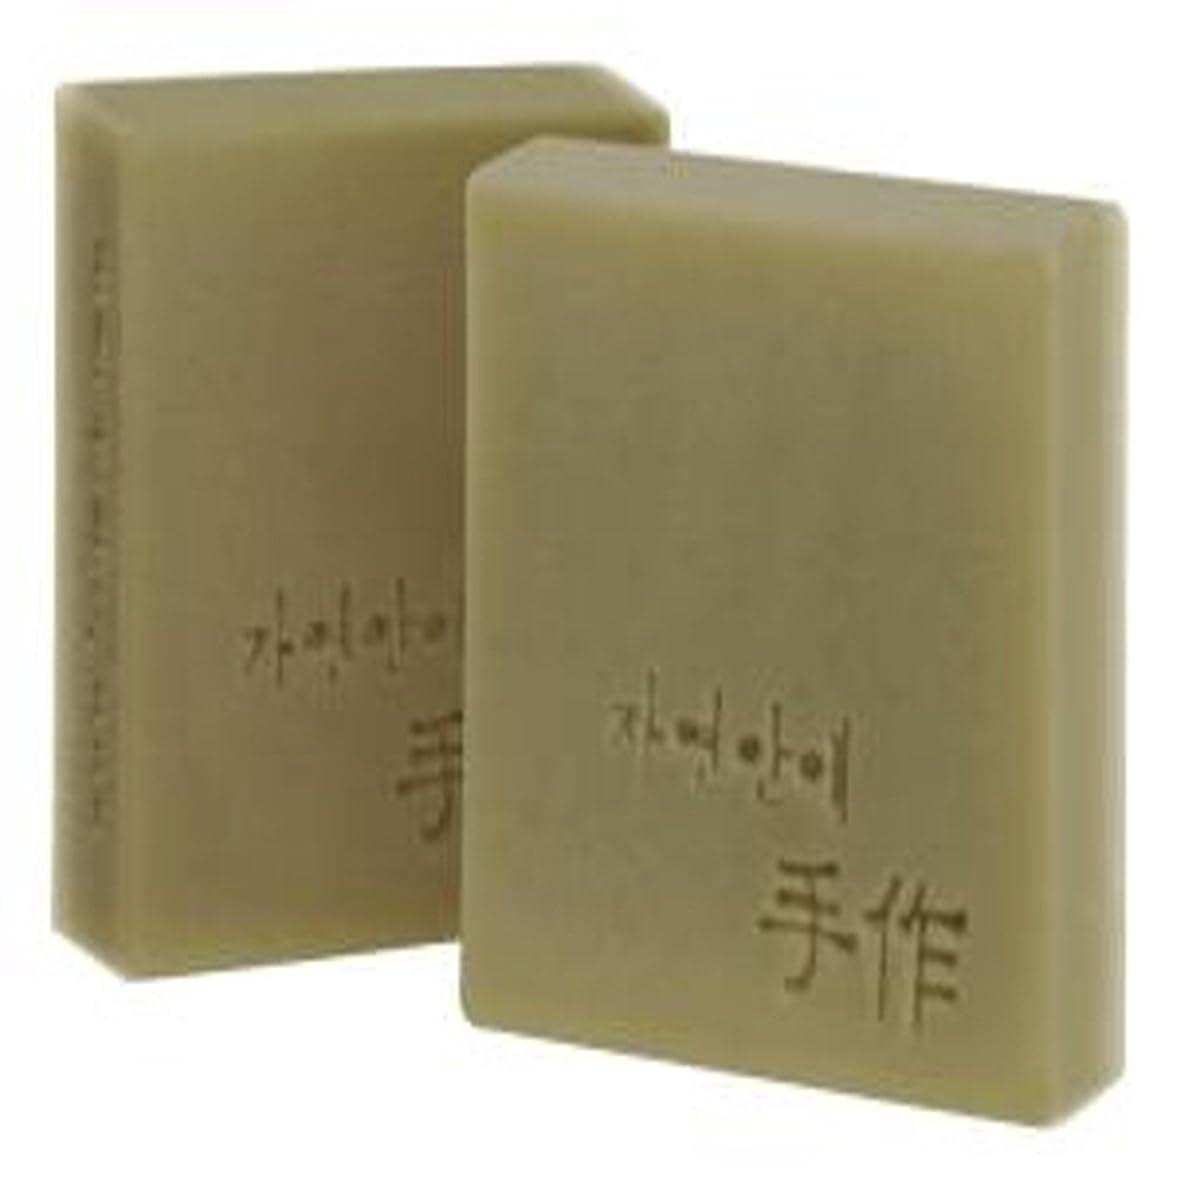 意外サスペンションシャワーNatural organic 有機天然ソープ 固形 無添加 洗顔せっけんクレンジング 石鹸 [並行輸入品] (アプリコット)